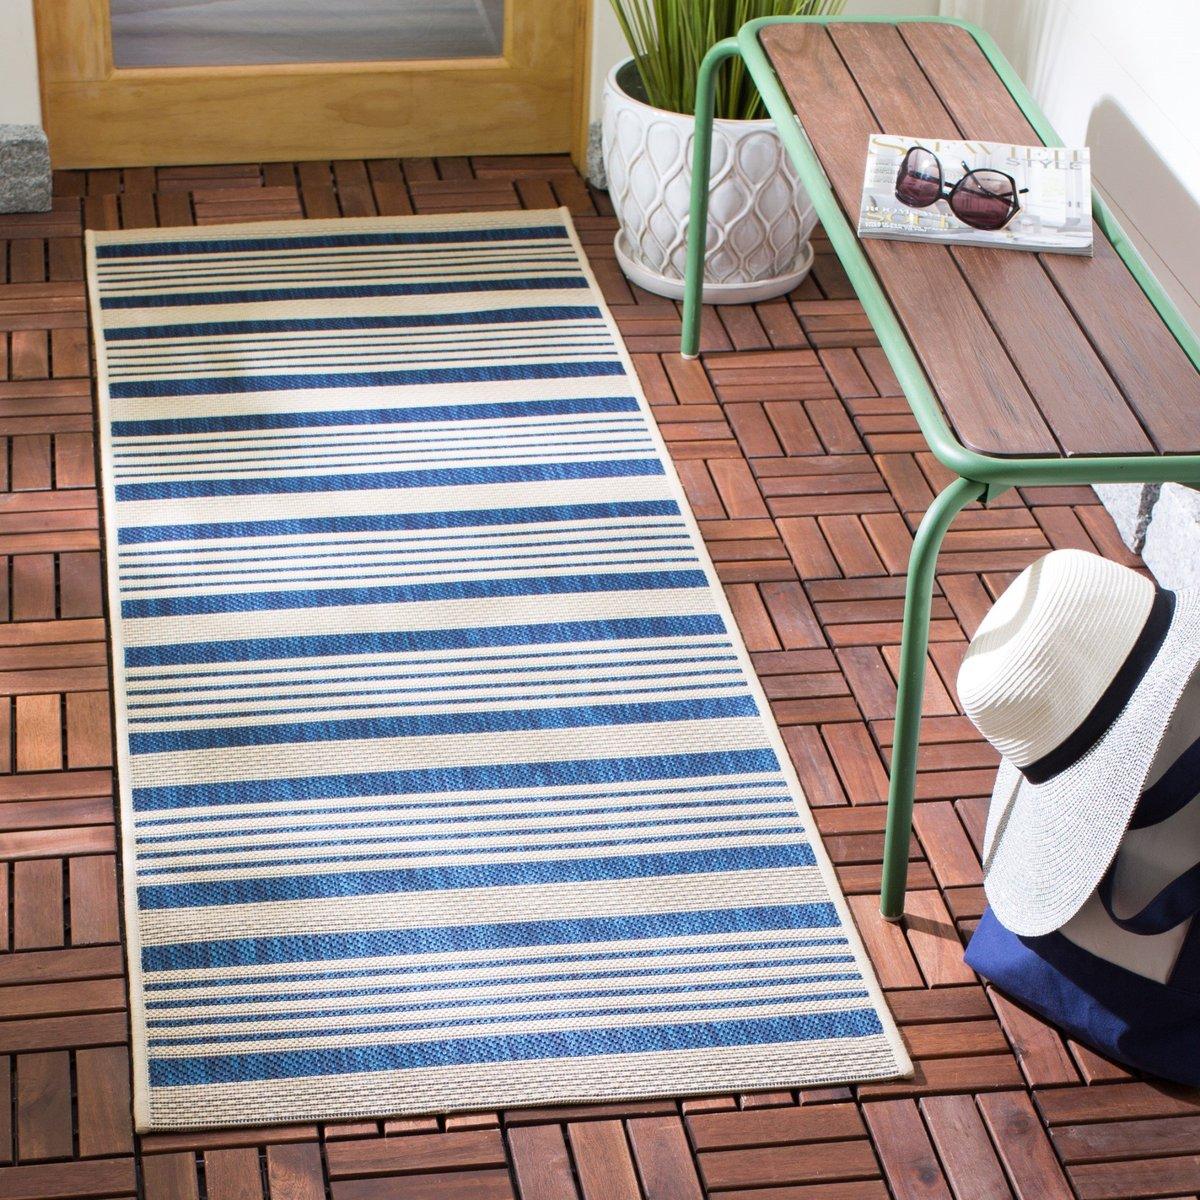 Striped Outdoor Decor Ideas